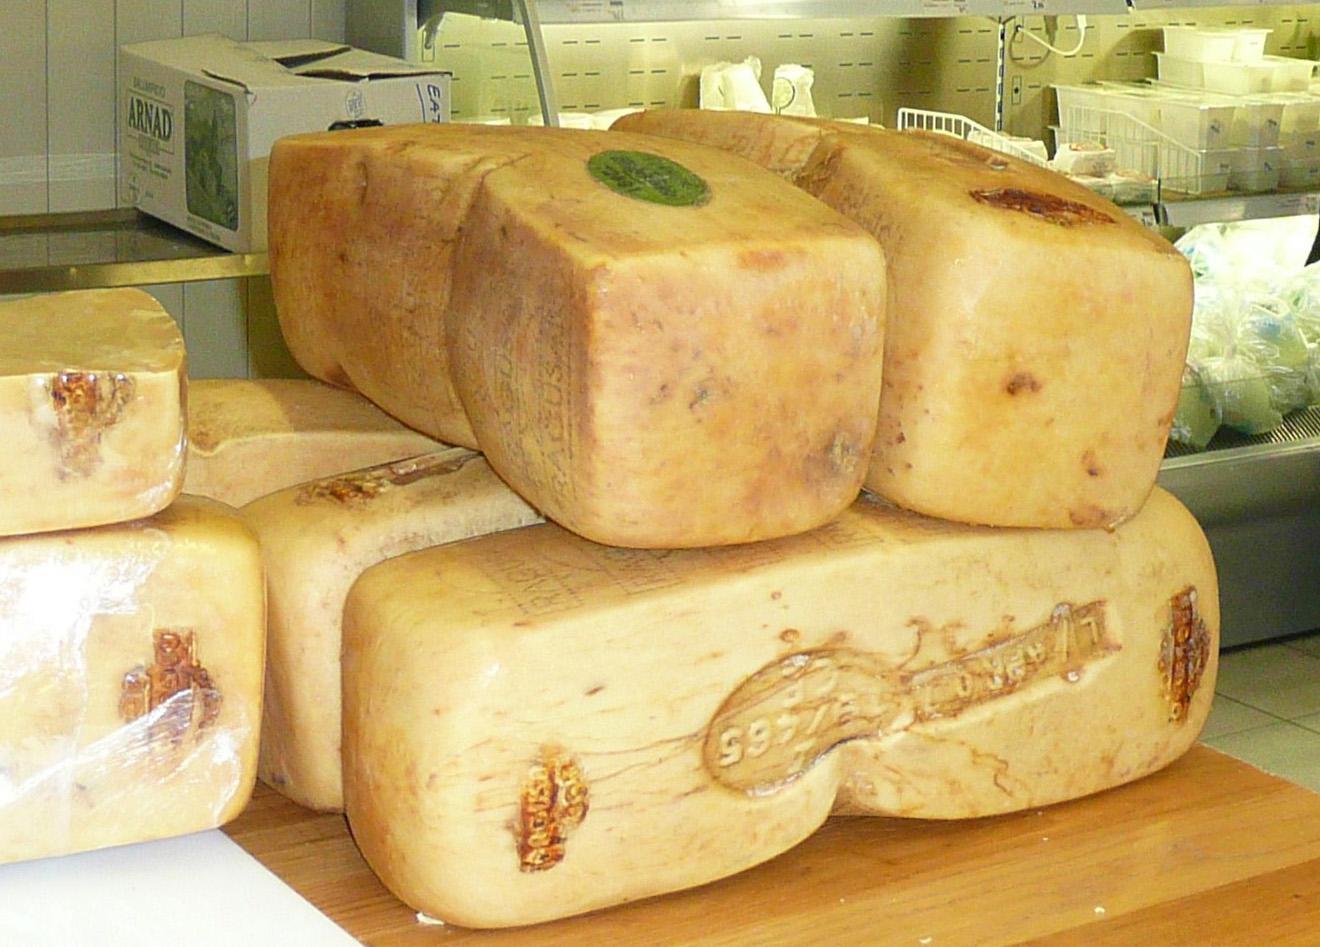 """Il formaggio """"Ragusano Dop"""" fra le derrate alimentari destinate ad aiuti umanitari"""